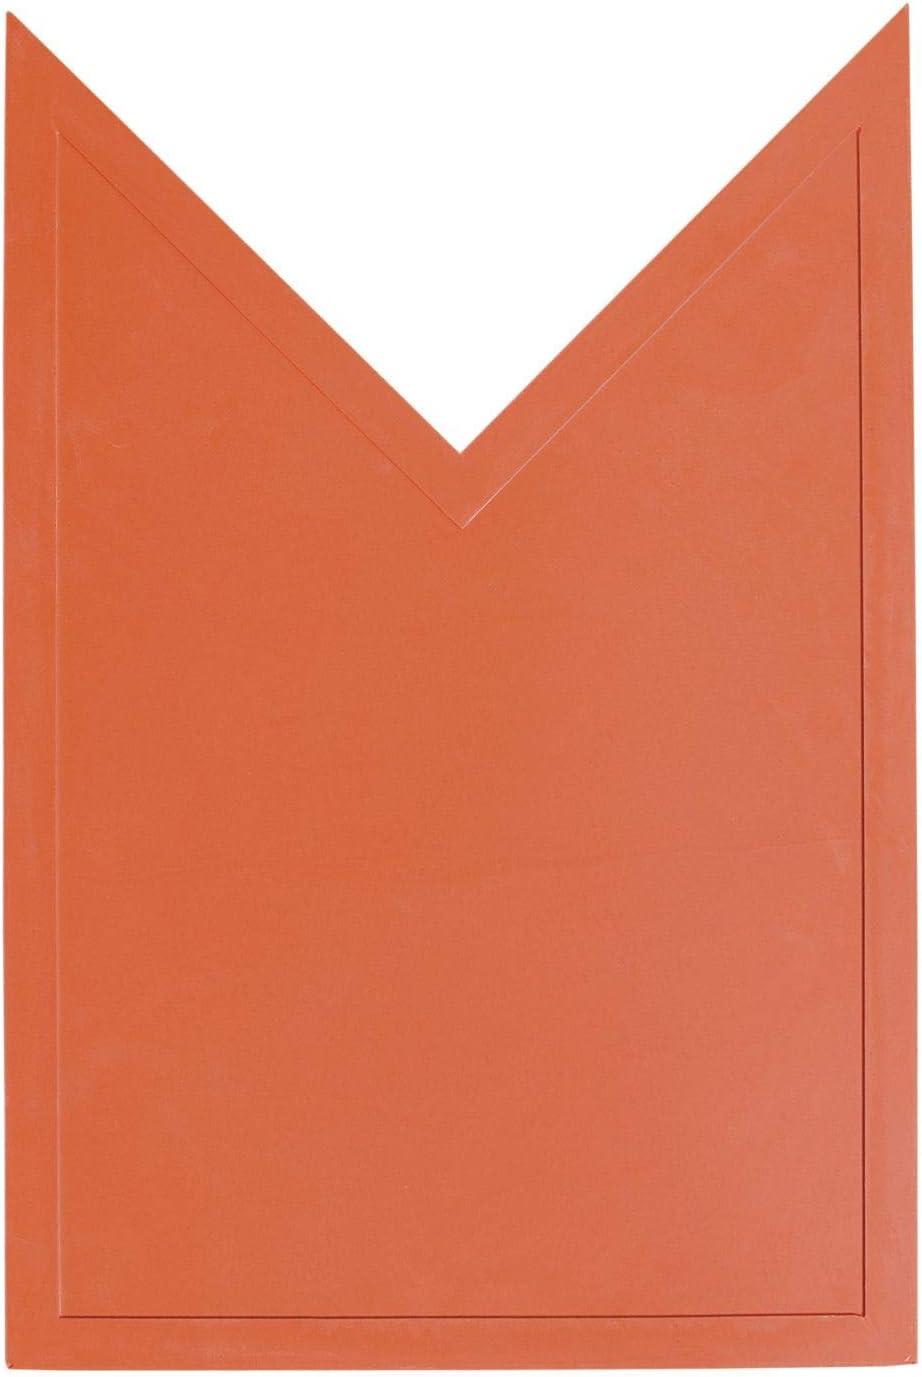 Schutt Strike Zone Mat Home Plate Extension for Baseball/Softball Training, Orange, 16.5